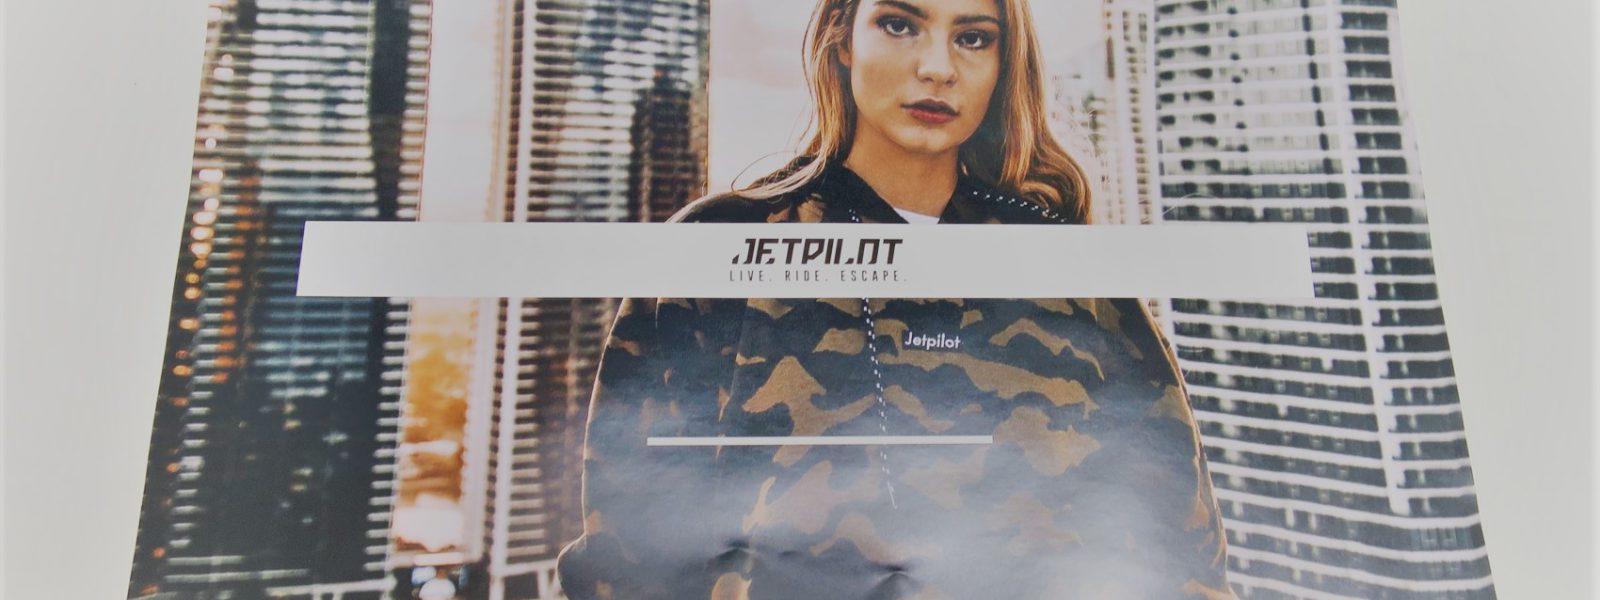 2019年モデル 新作 JETPILOT ウェブカタログご覧頂けます!